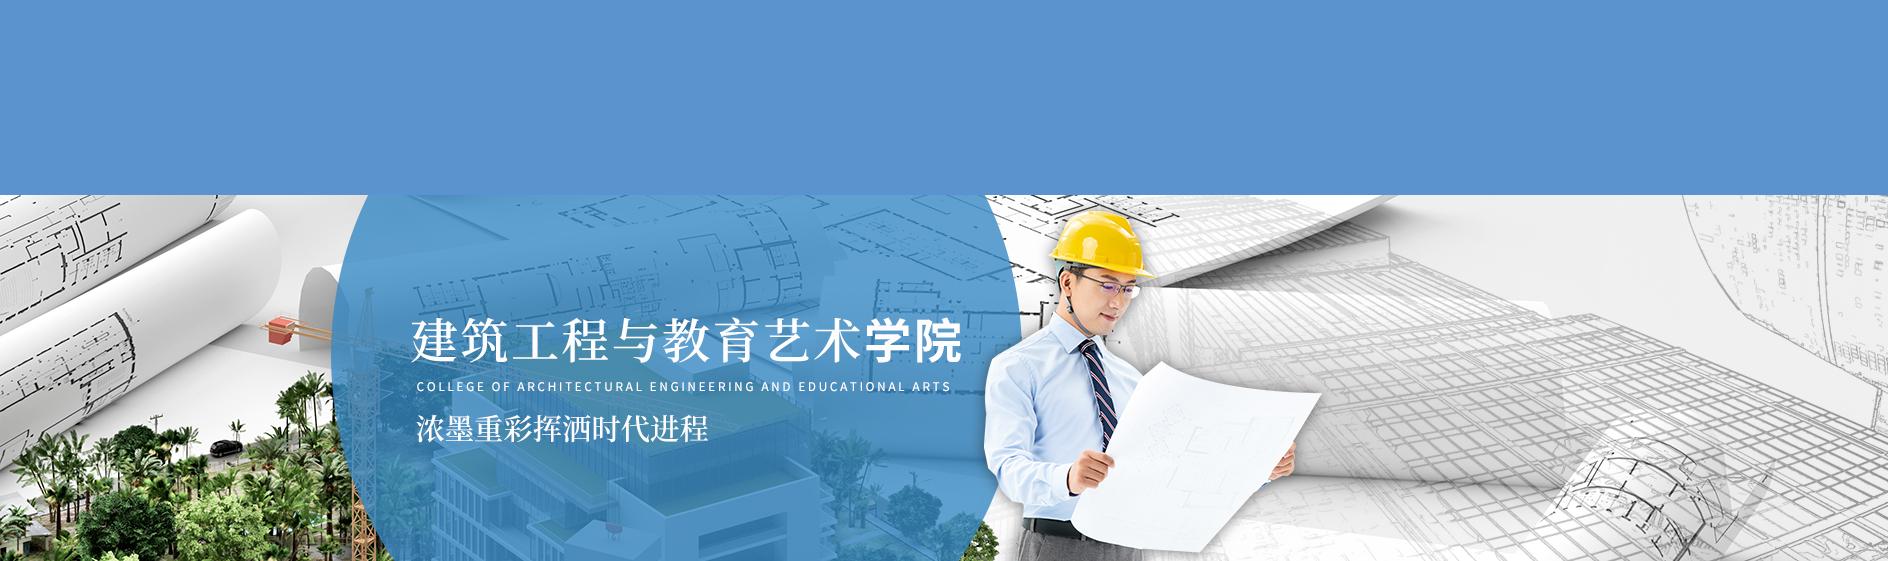 建筑工程与教育艺术学院